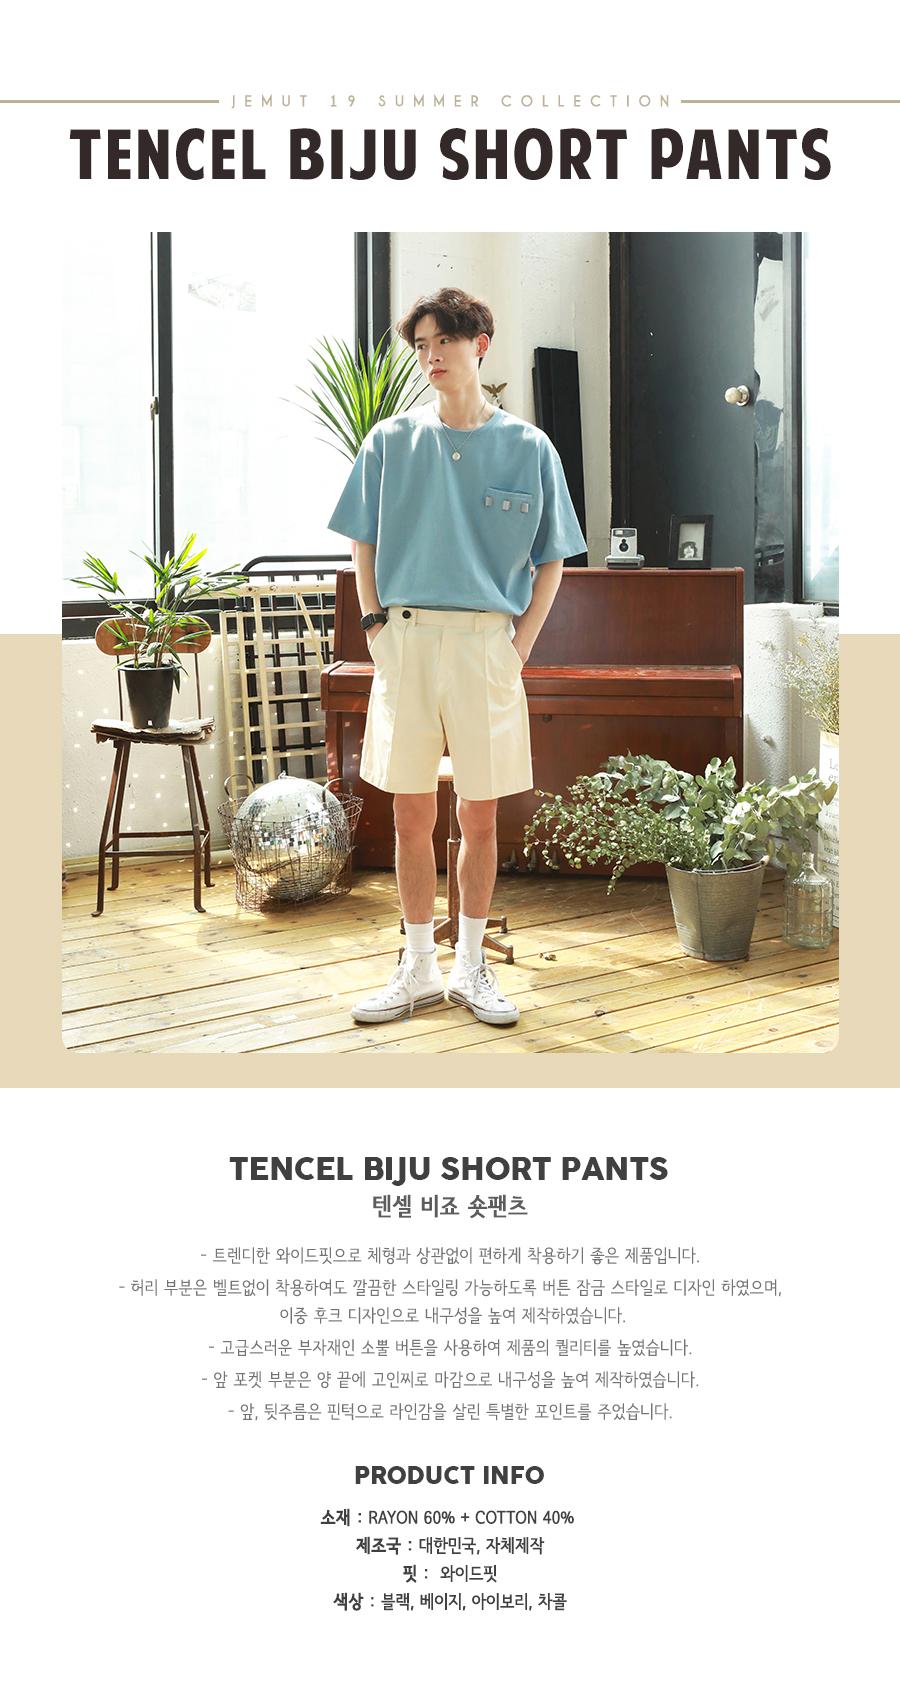 20190325_tencel_short_pants_title_kj.jpg